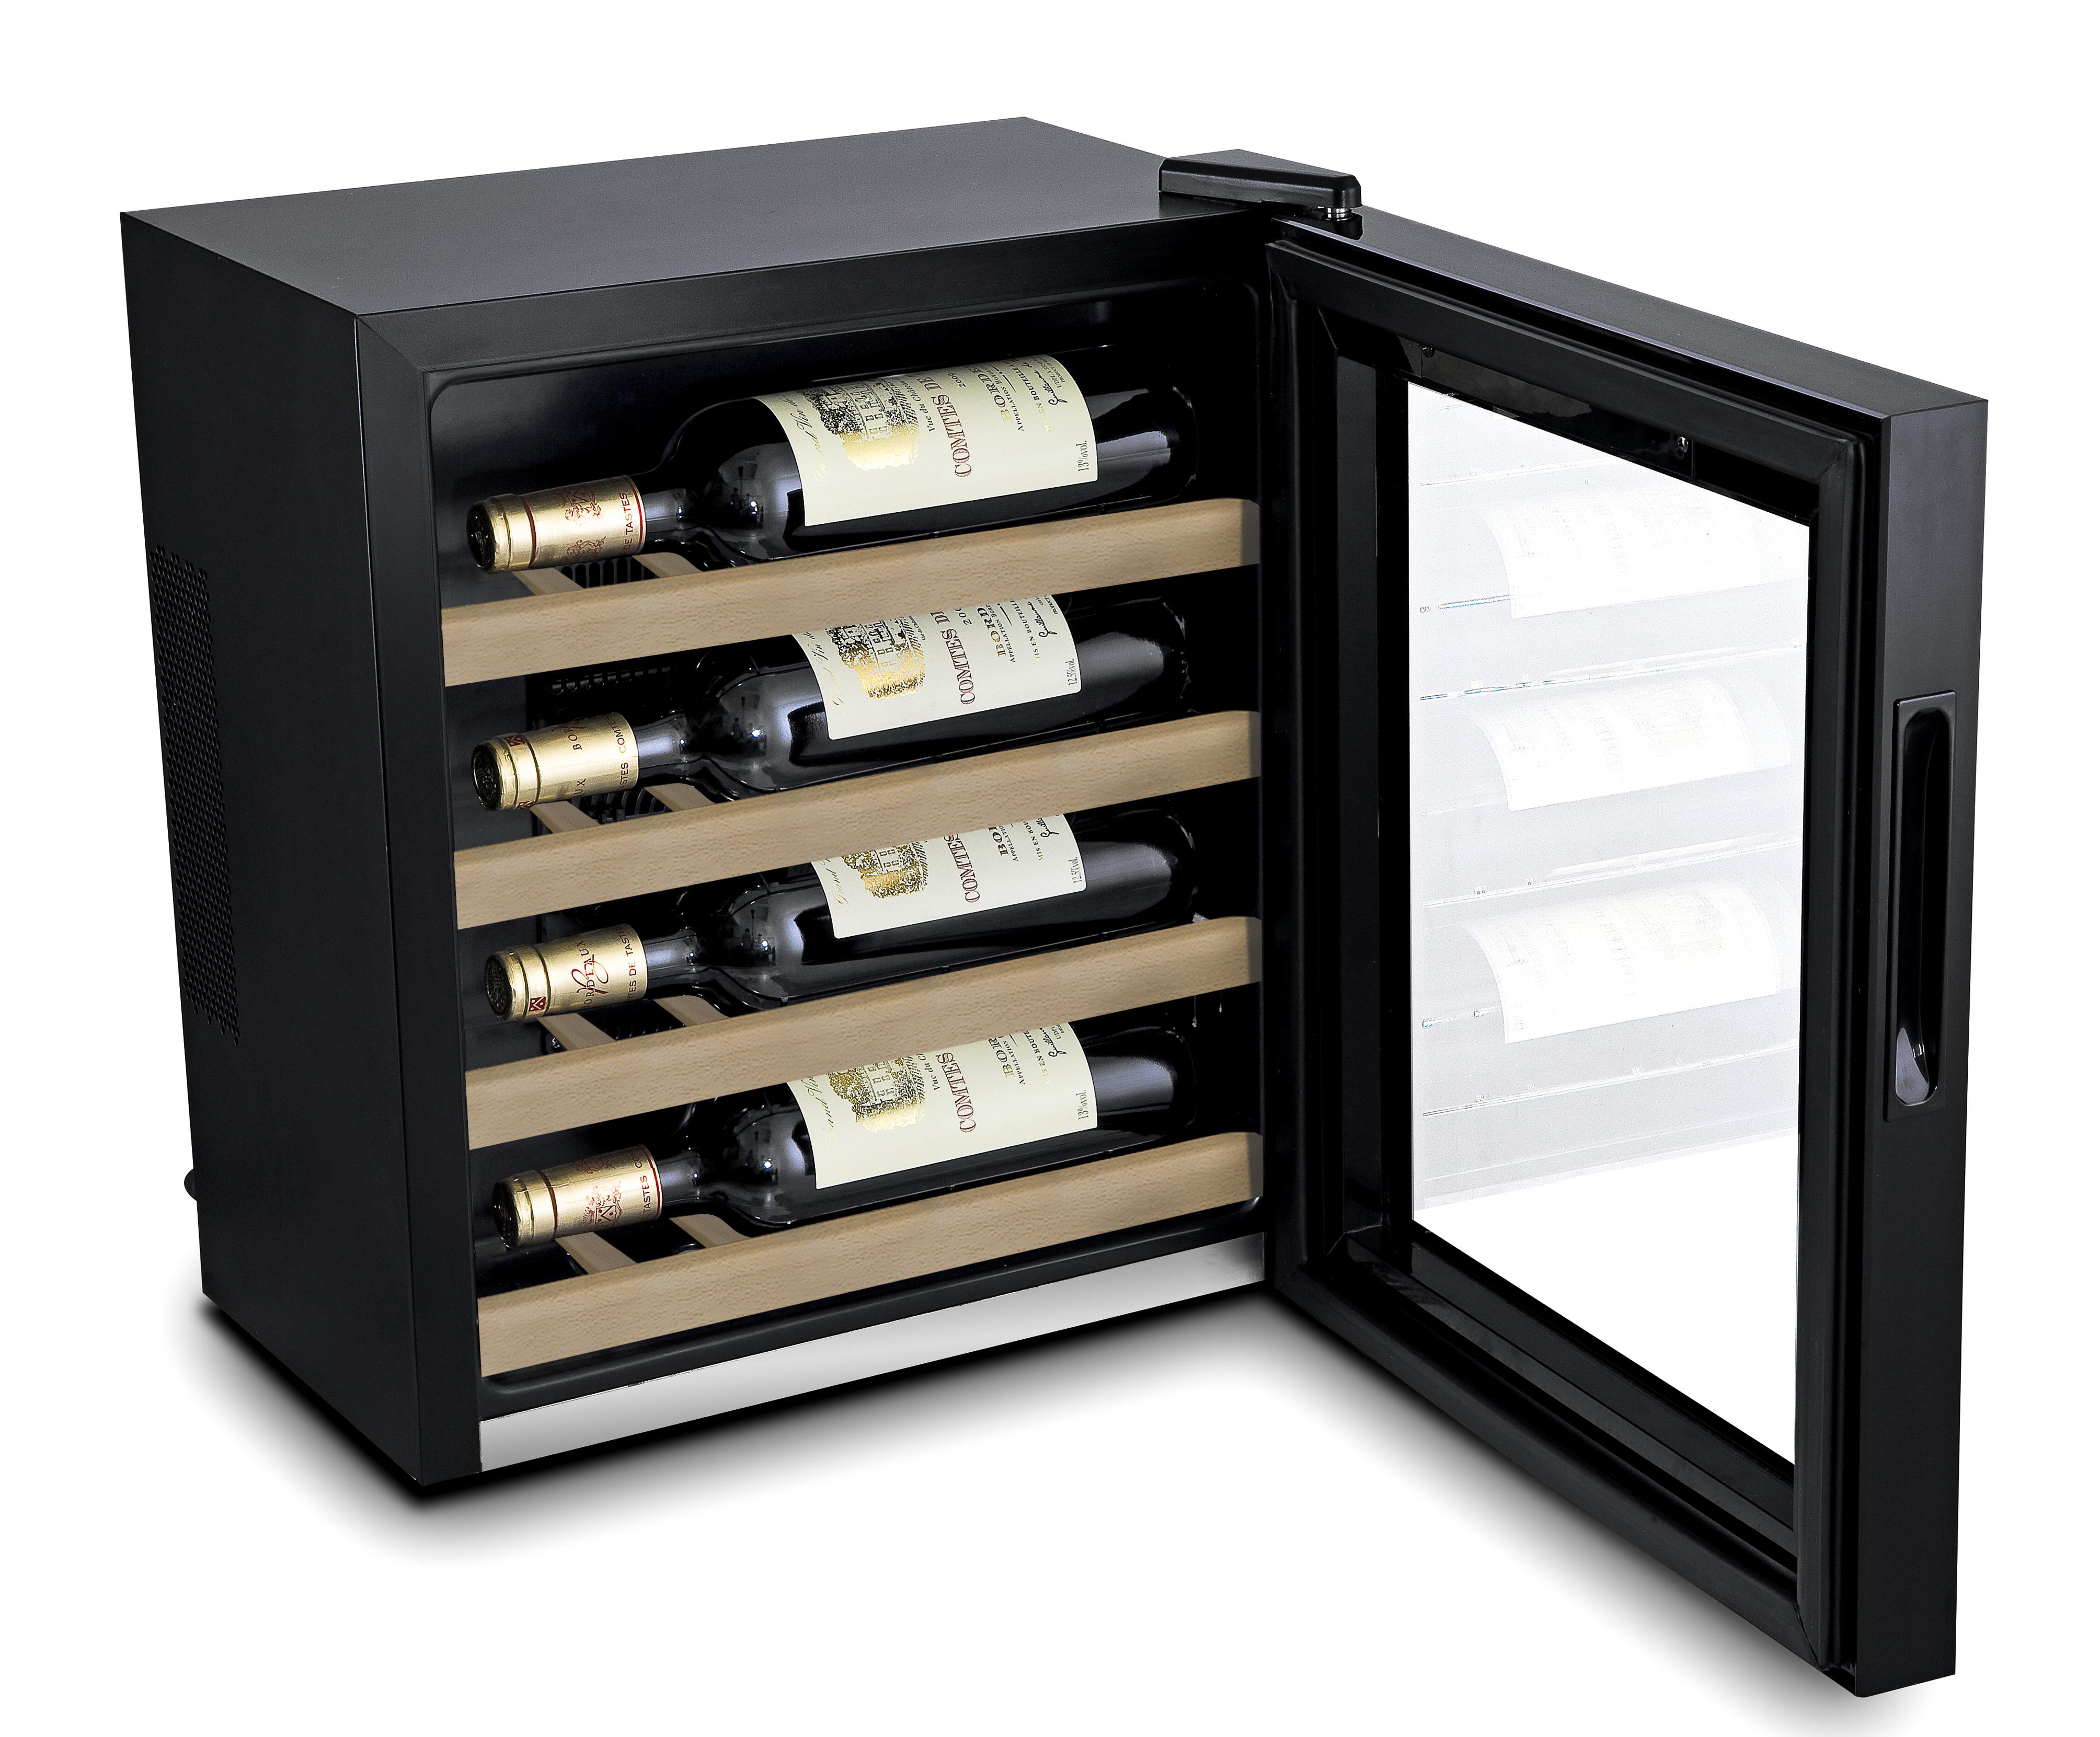 Kleiner Weinkühlschrank : Weinkühlschrank test die besten weinkühlschränke